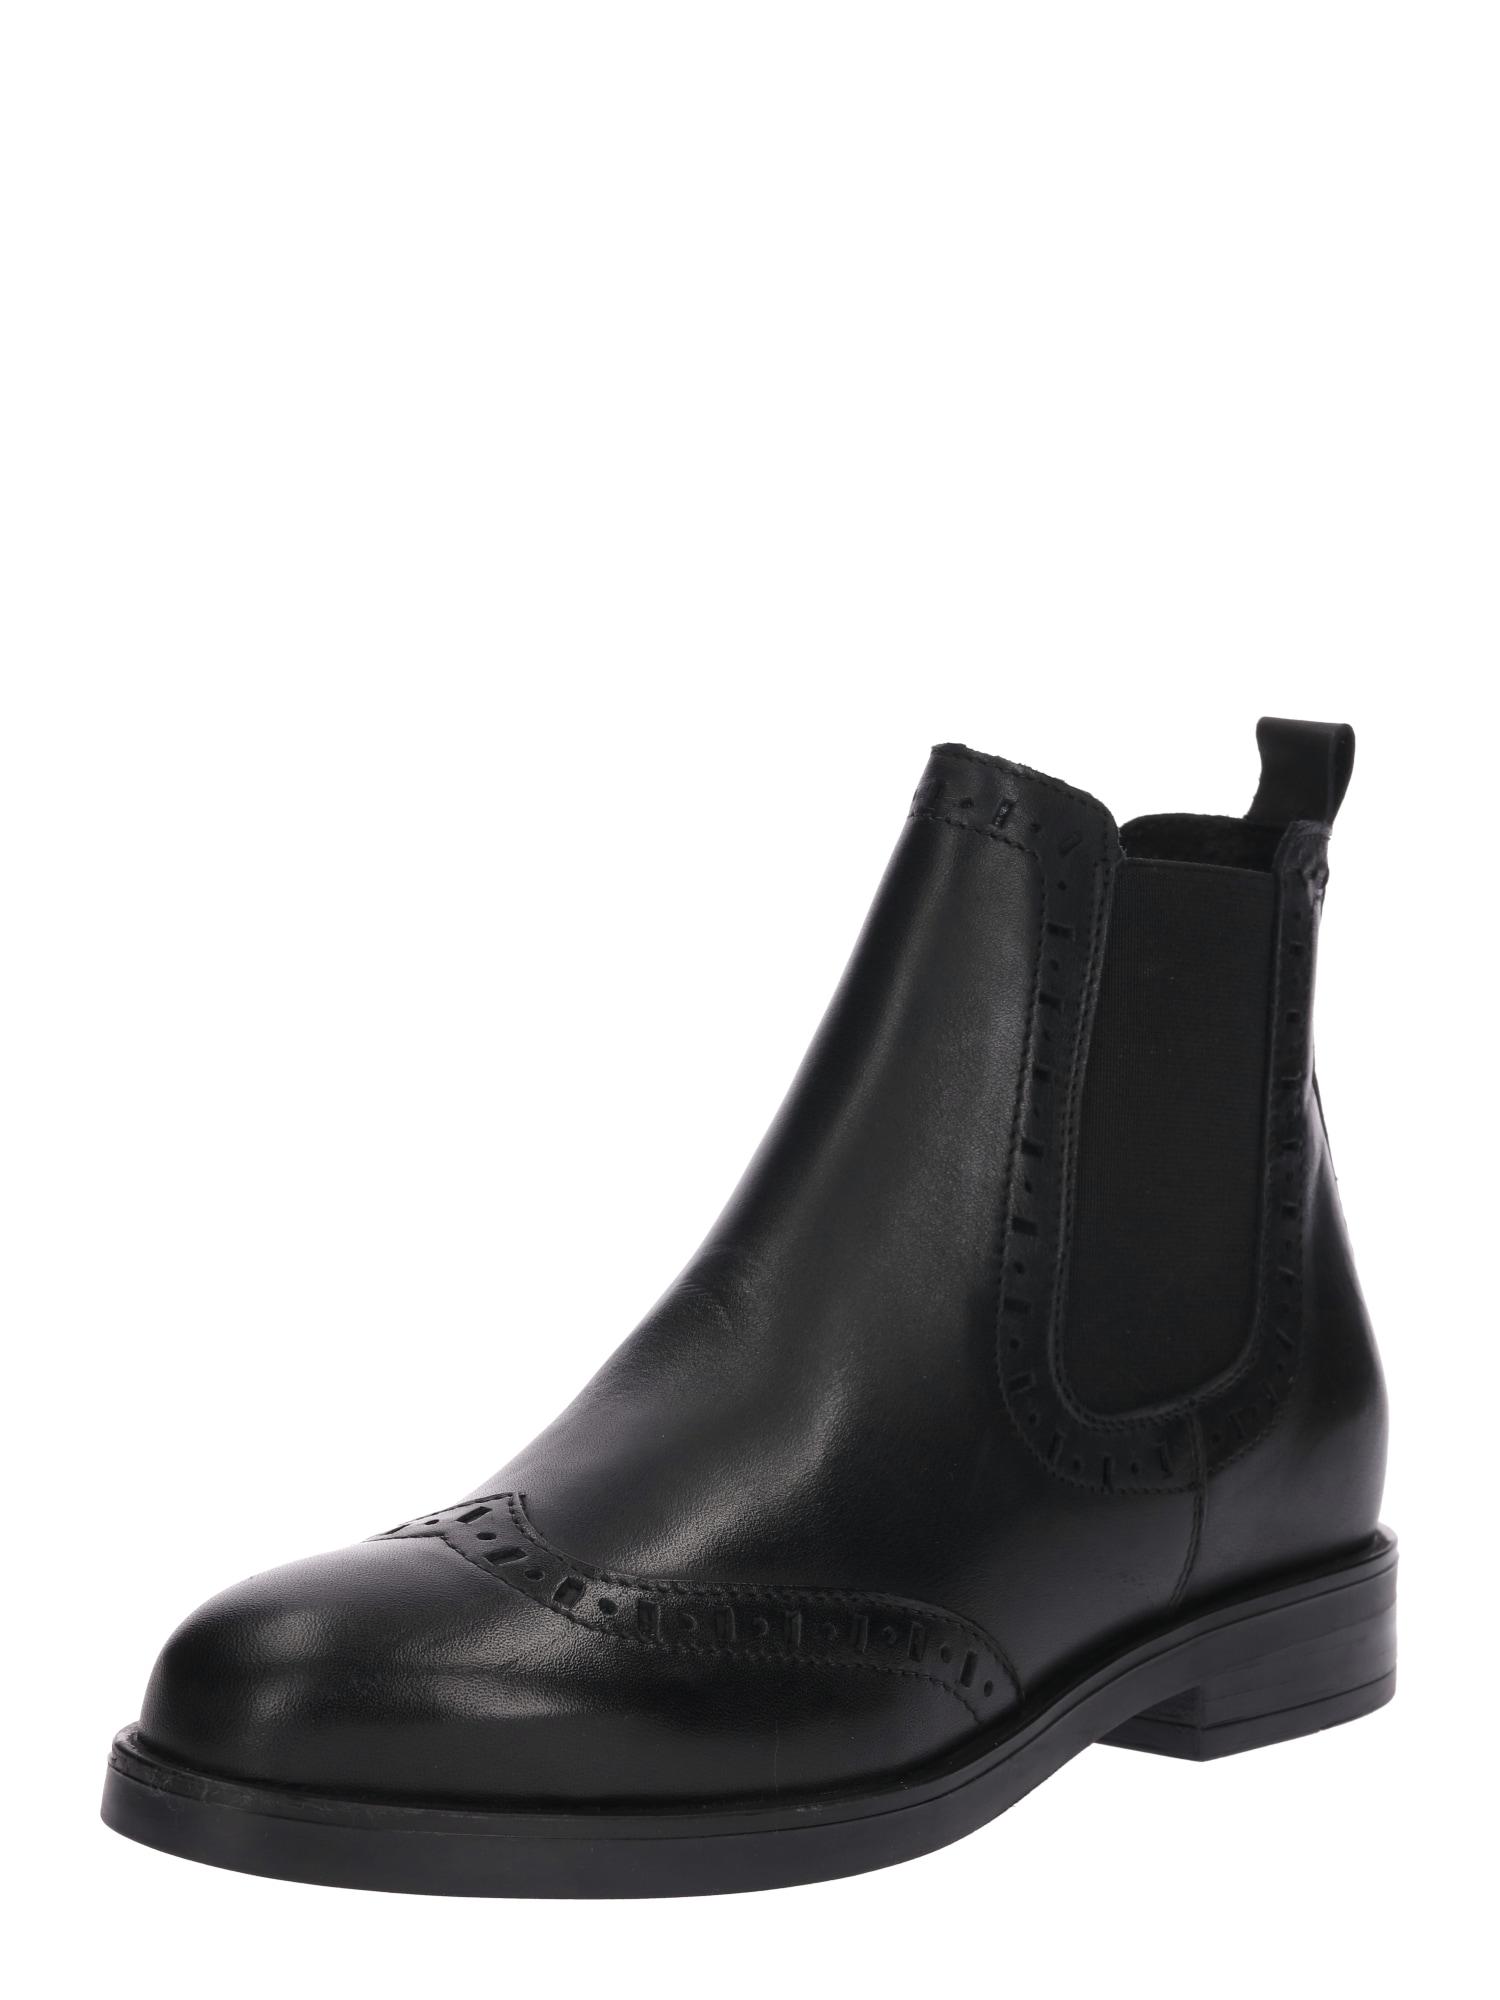 Chelsea boty 16034-V1030R černá Zign